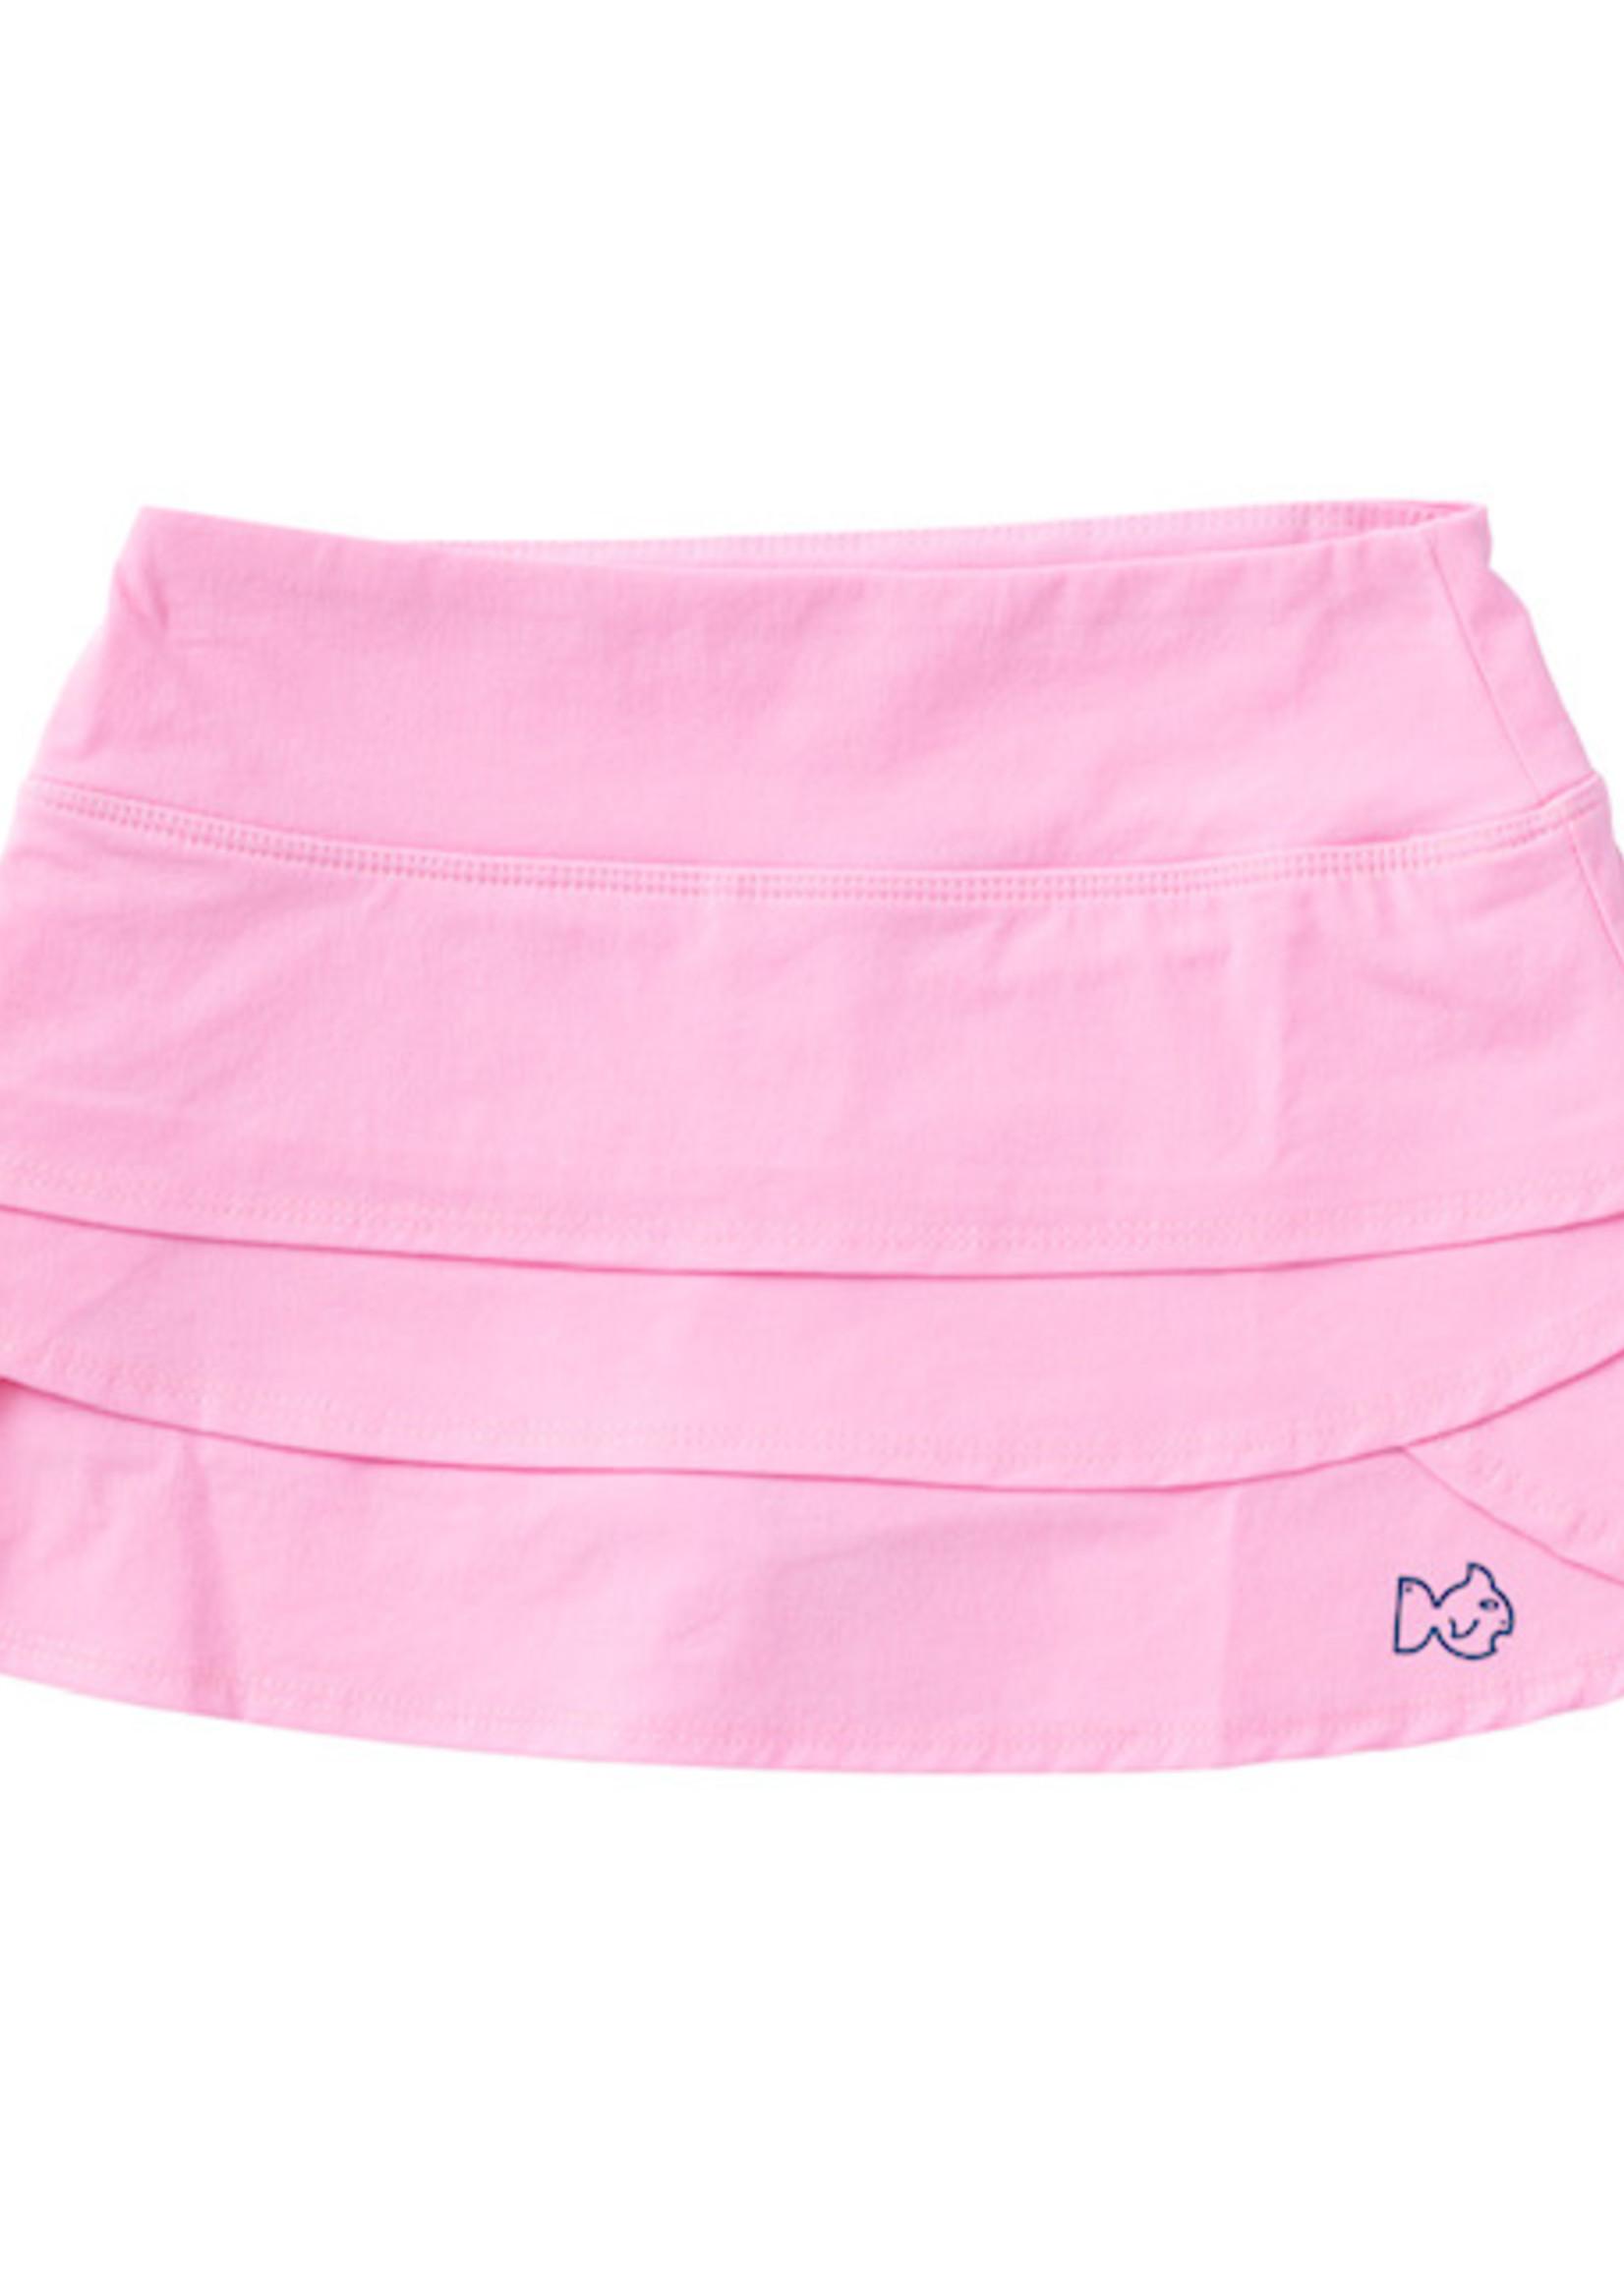 Girl's Pro Skort - Pink